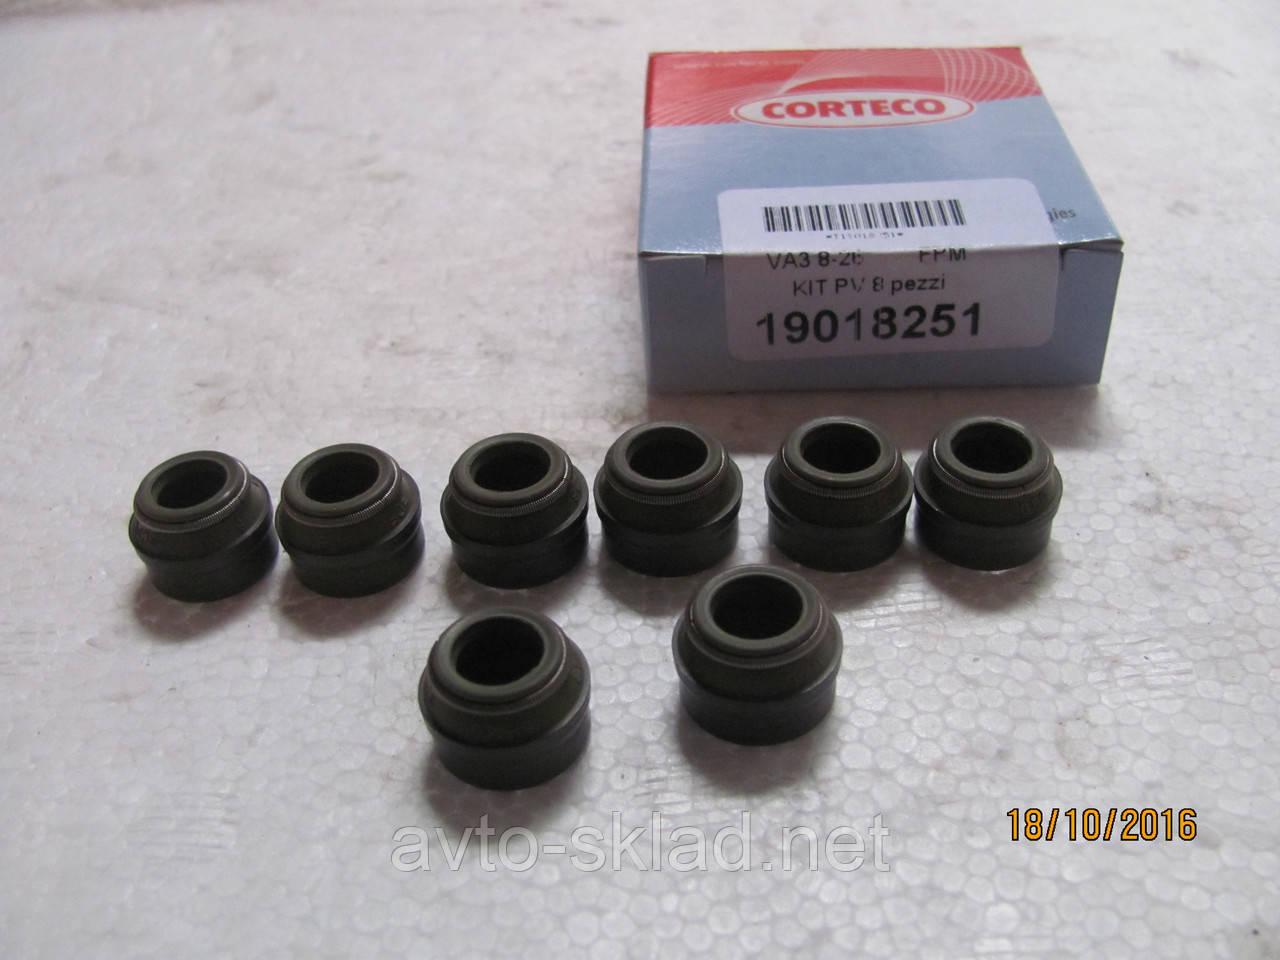 Сальники клапанов 2101-2108, 1102, 1103, 1105, Сенс,406 Corteco комплект 8шт